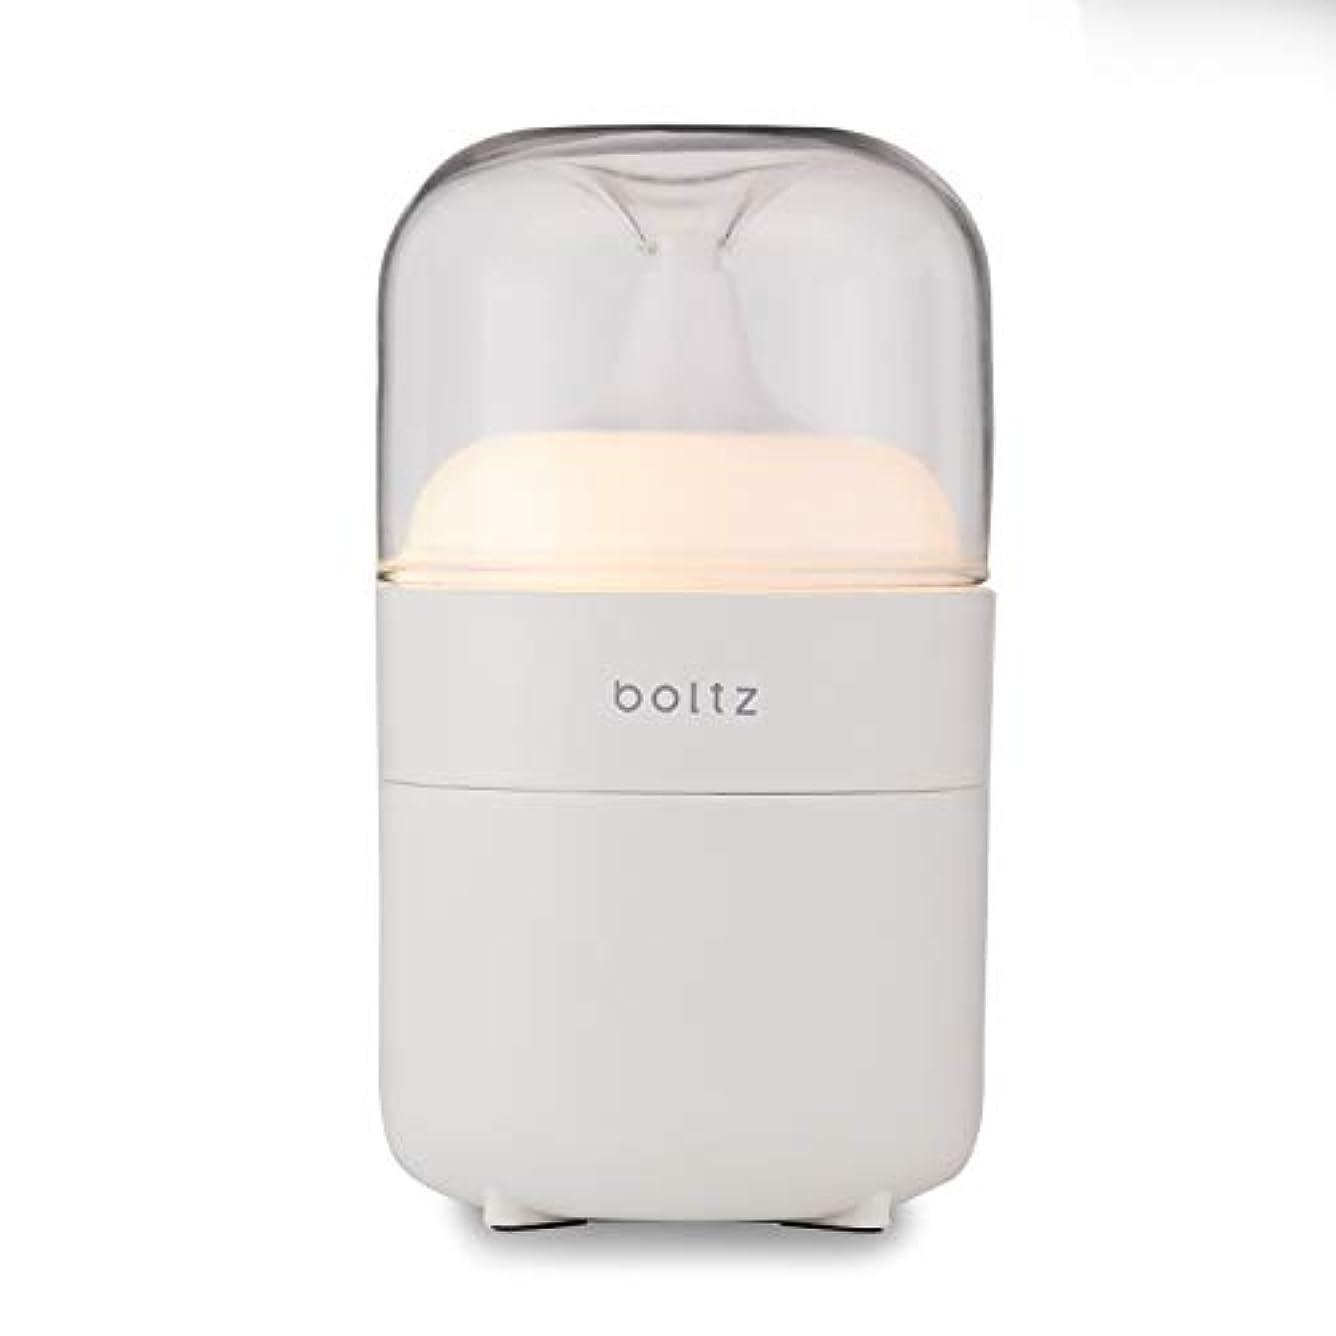 ジャーナリスト最近子供時代LOWYA boltz アロマディフューザー ネプライザー式 アロマオイル対応 間接照明 おしゃれ USB対応